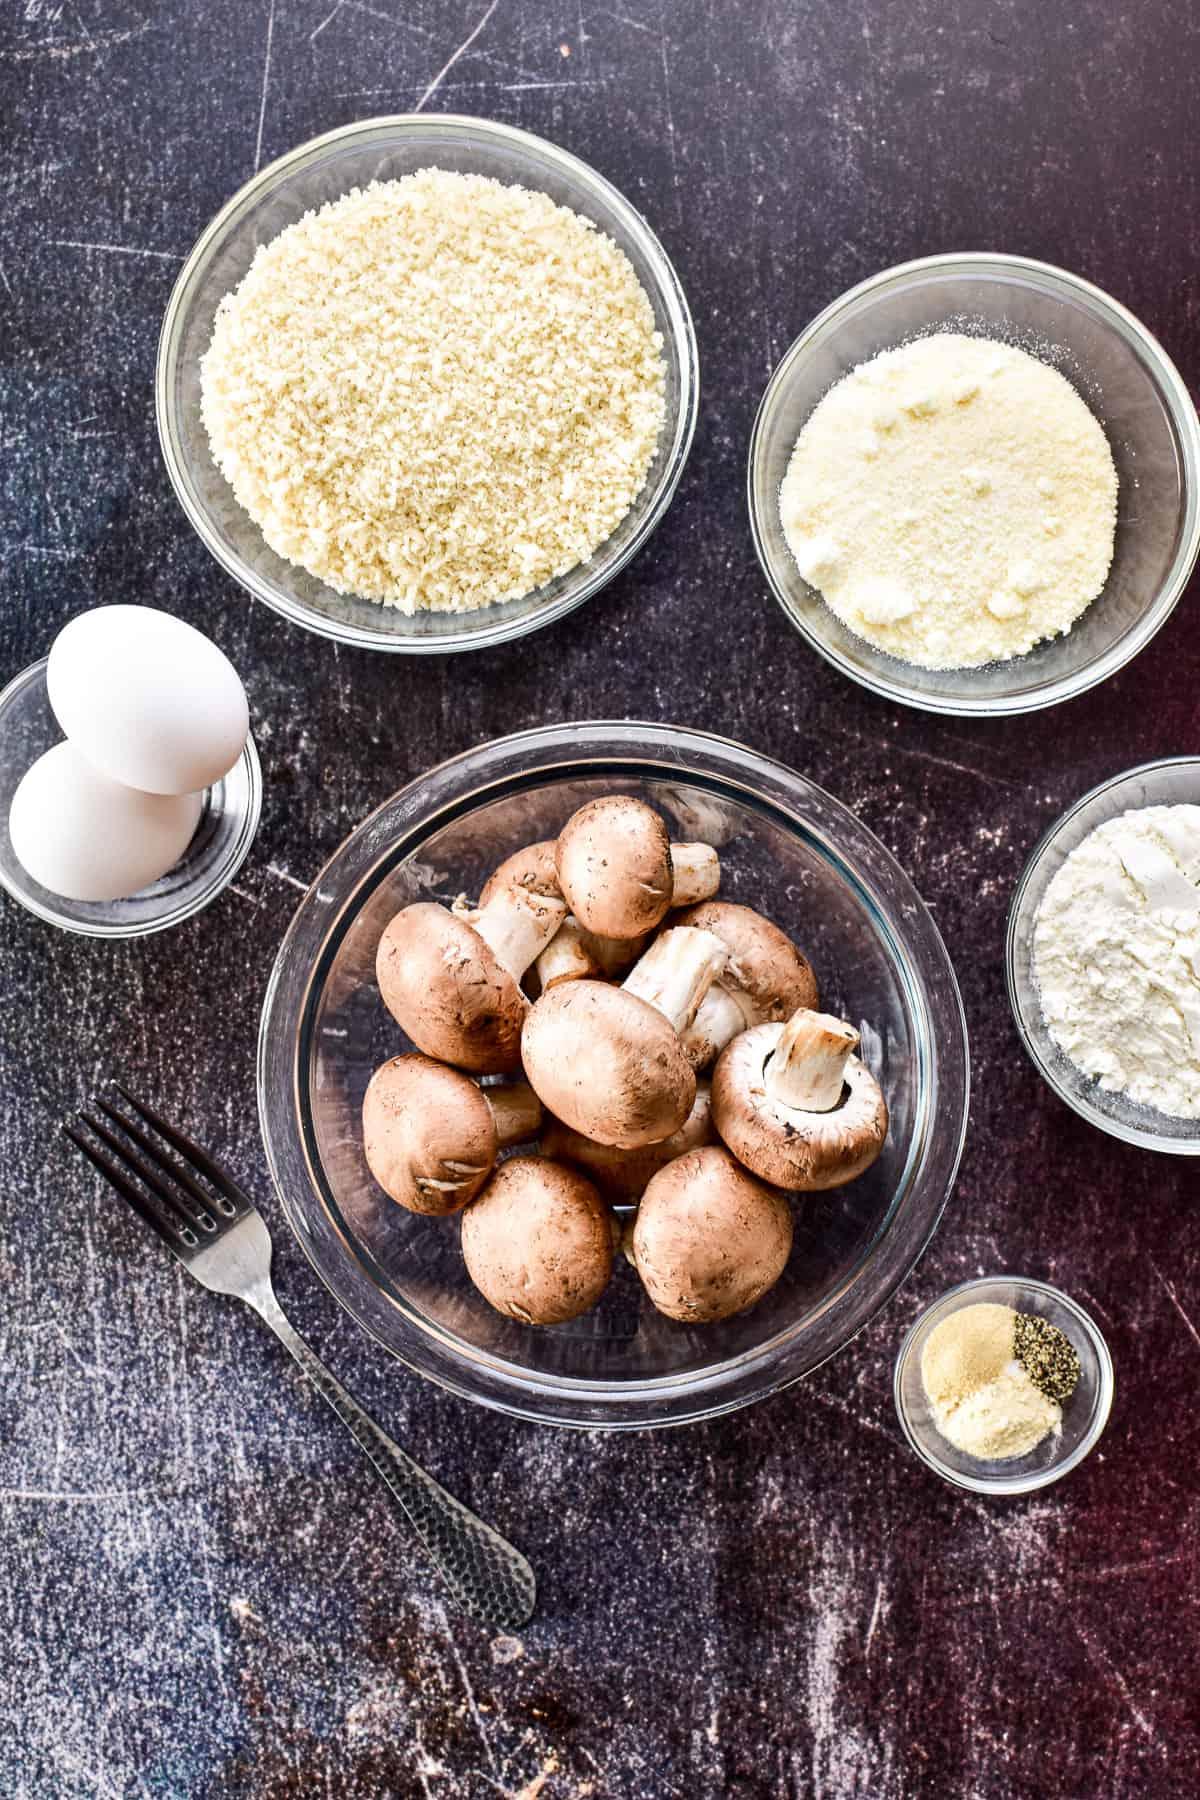 Air Fryer Mushroom ingredients